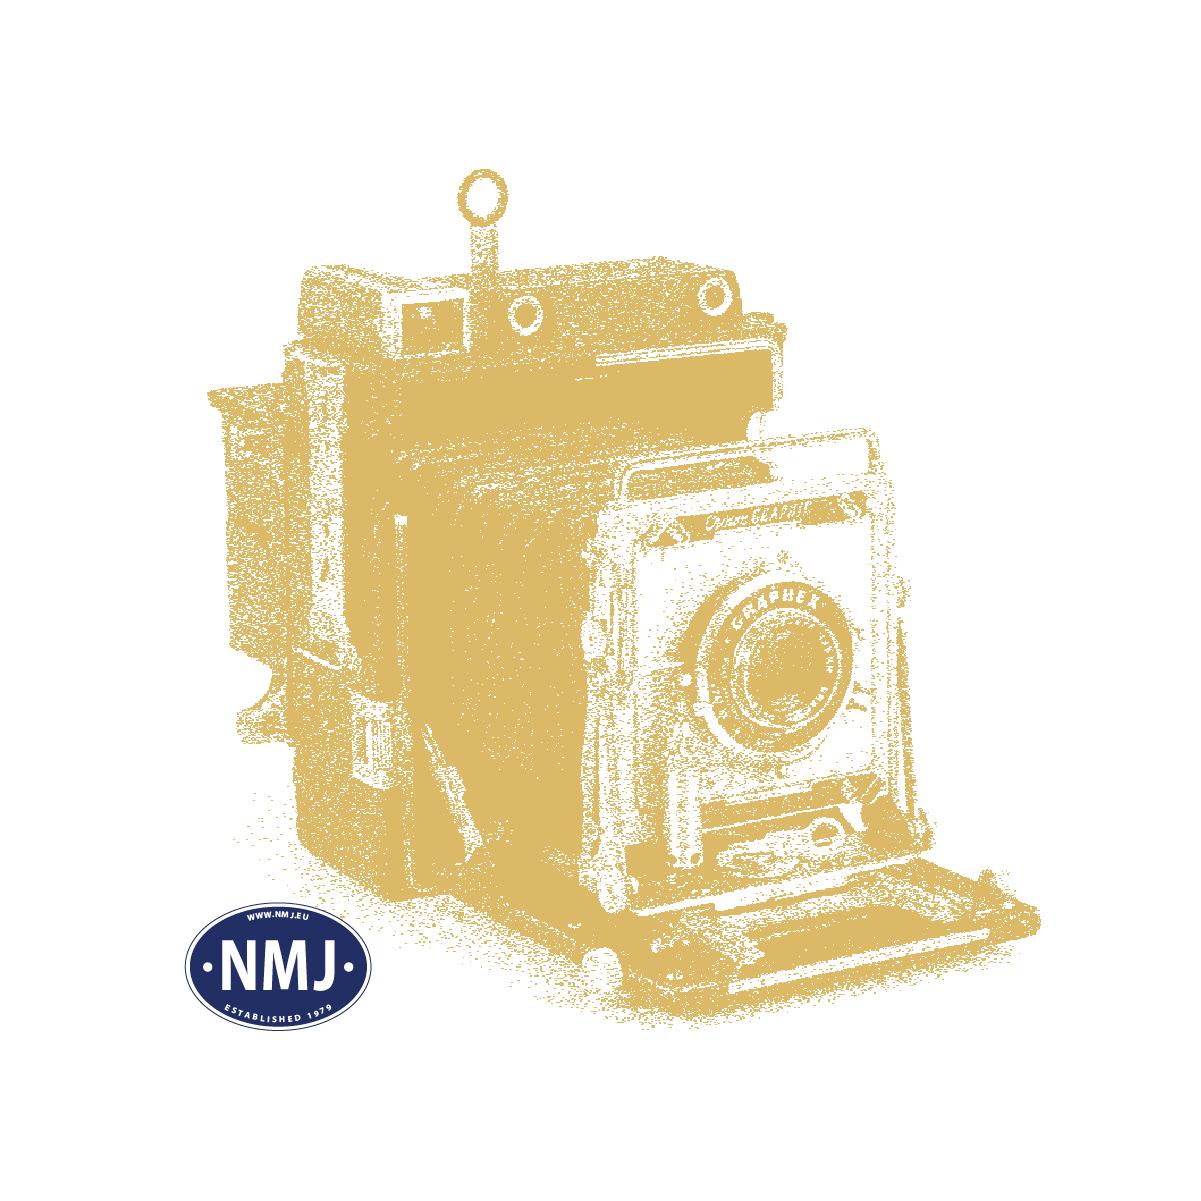 NMJ019001 - NMJ Superline Modell des Abteilwagens Co2d 19001 der NSB  Spur 0